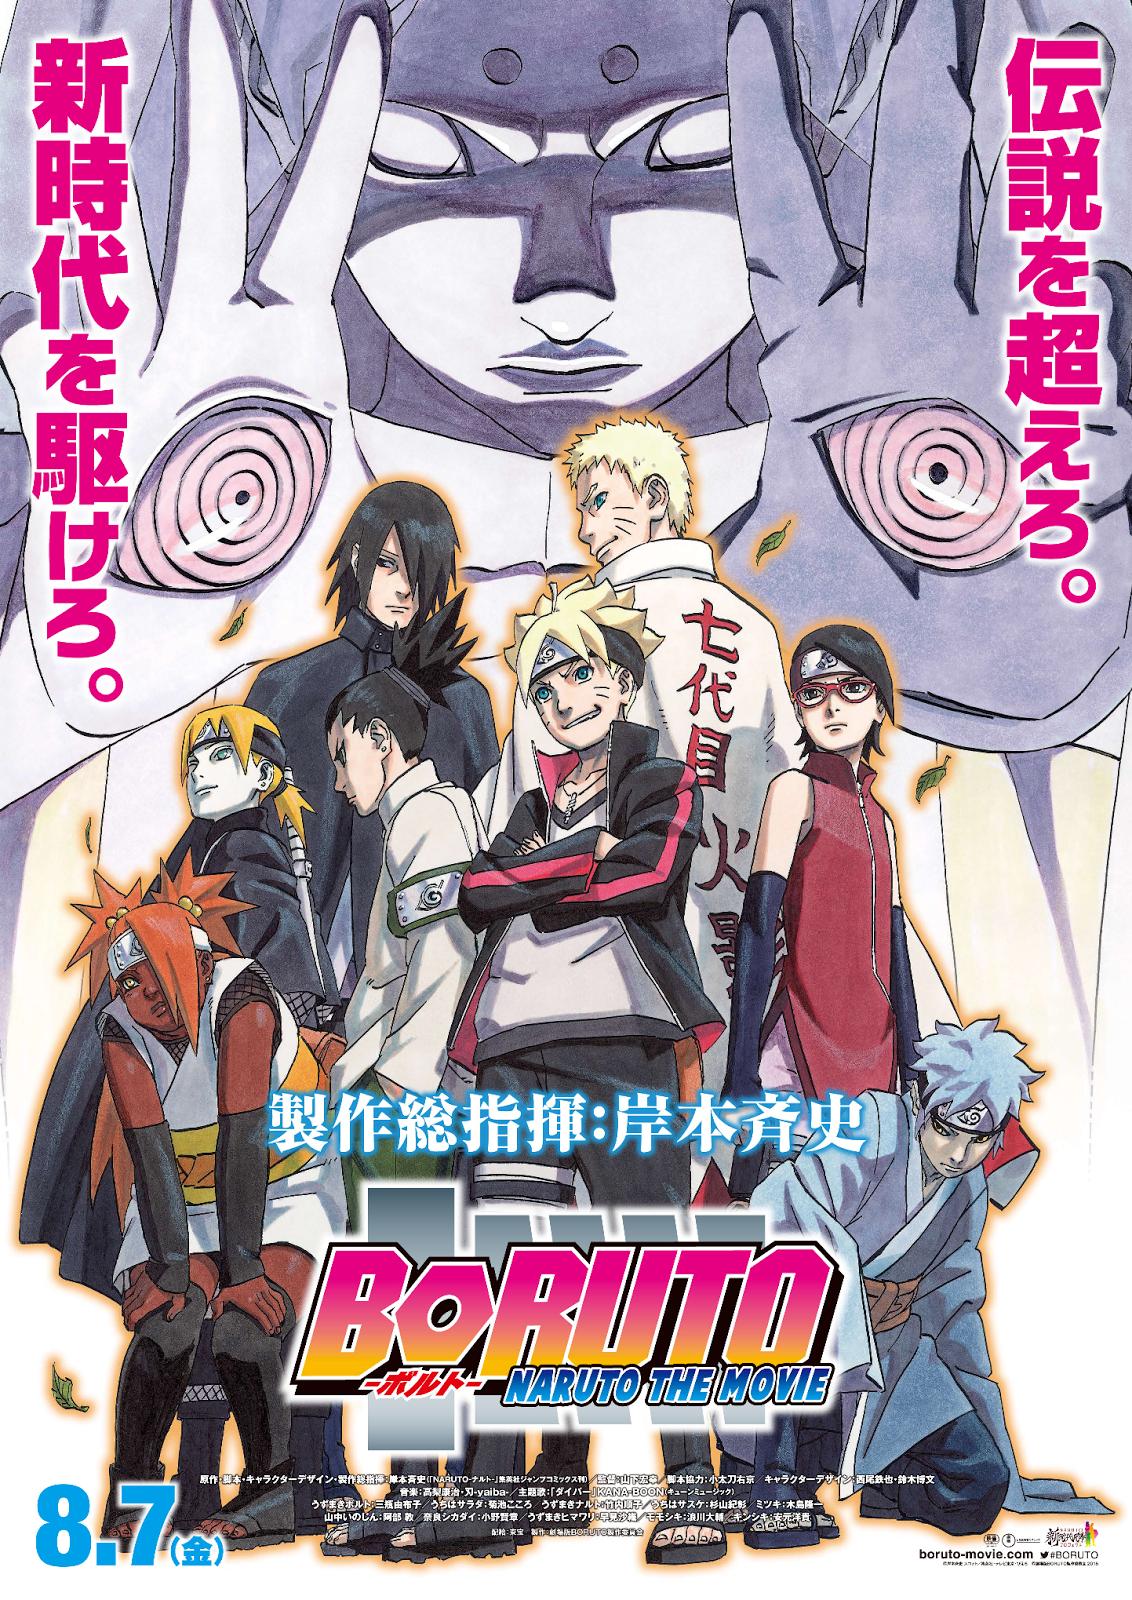 Boruto Naruto The Movie (2015) .jpg